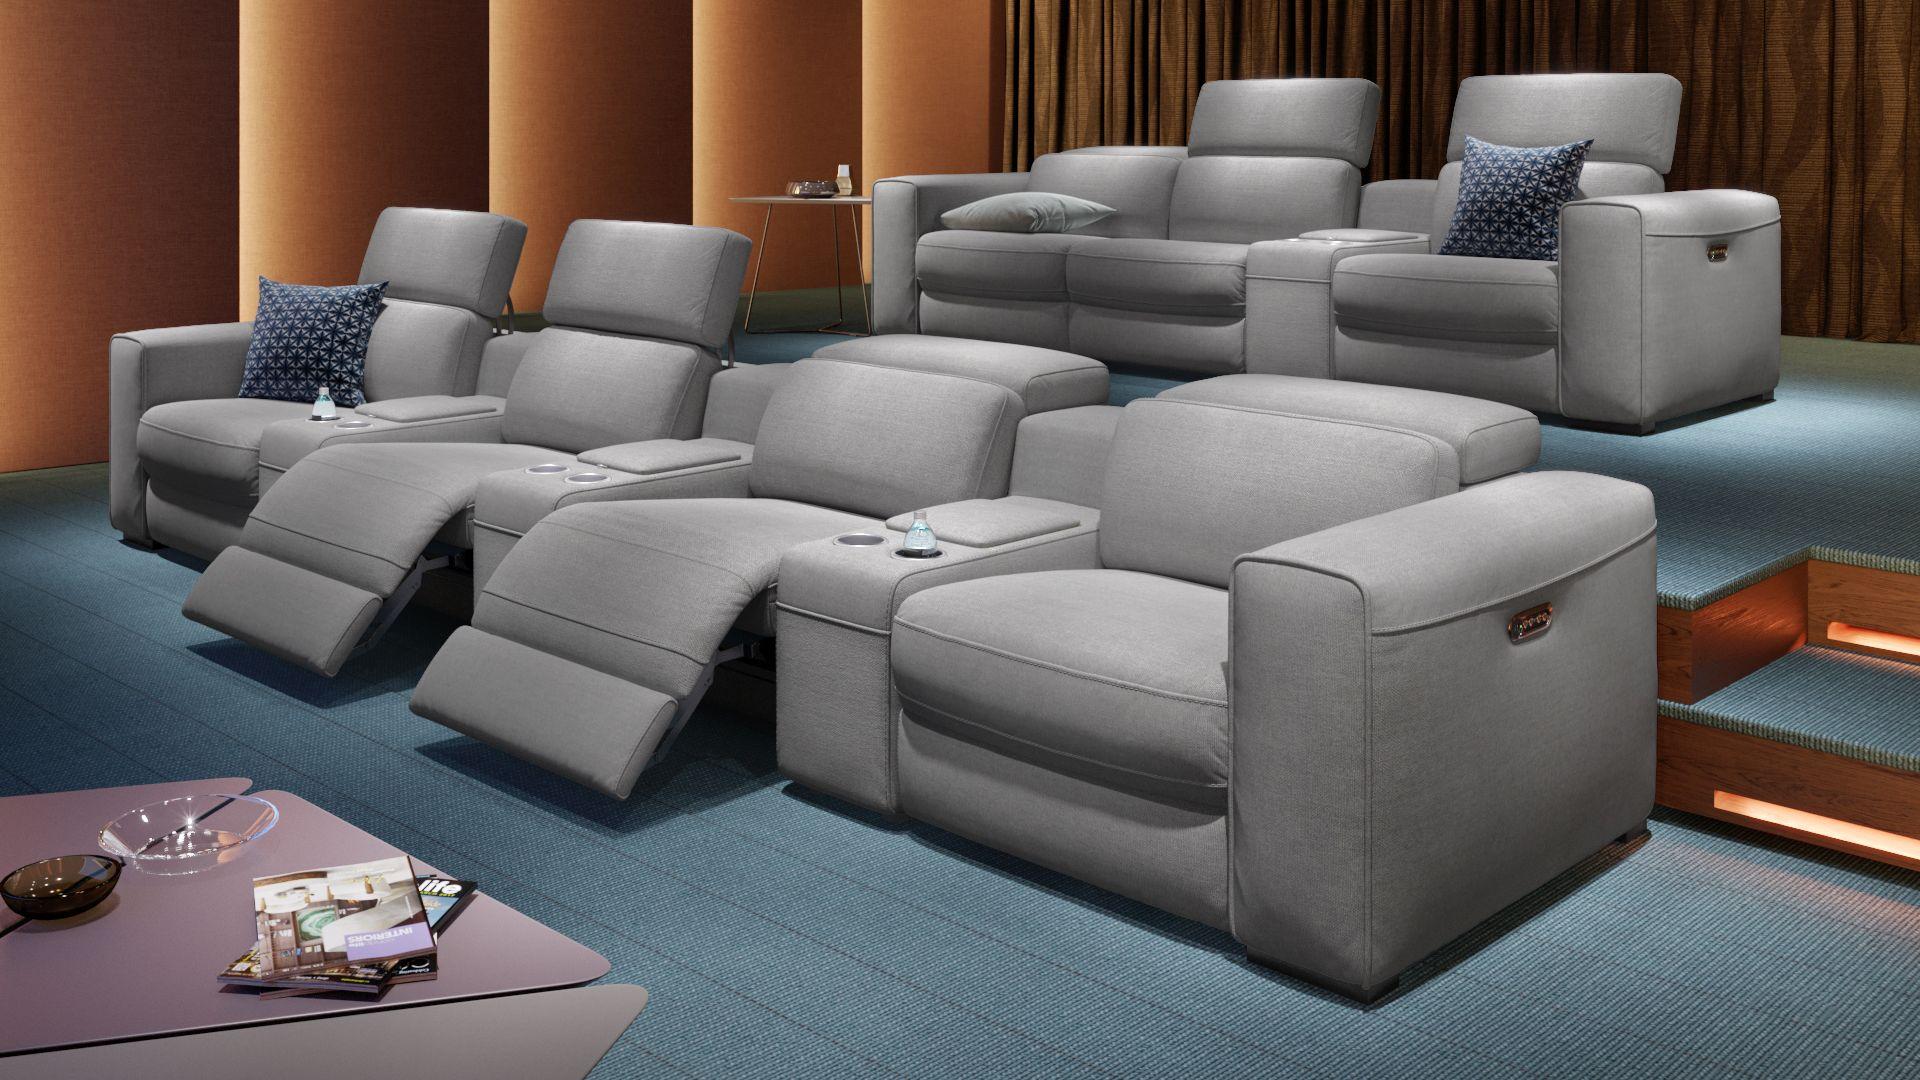 Stoff 3-Sitzer Kinosofa mit einer Mittelkonsole BOVINO